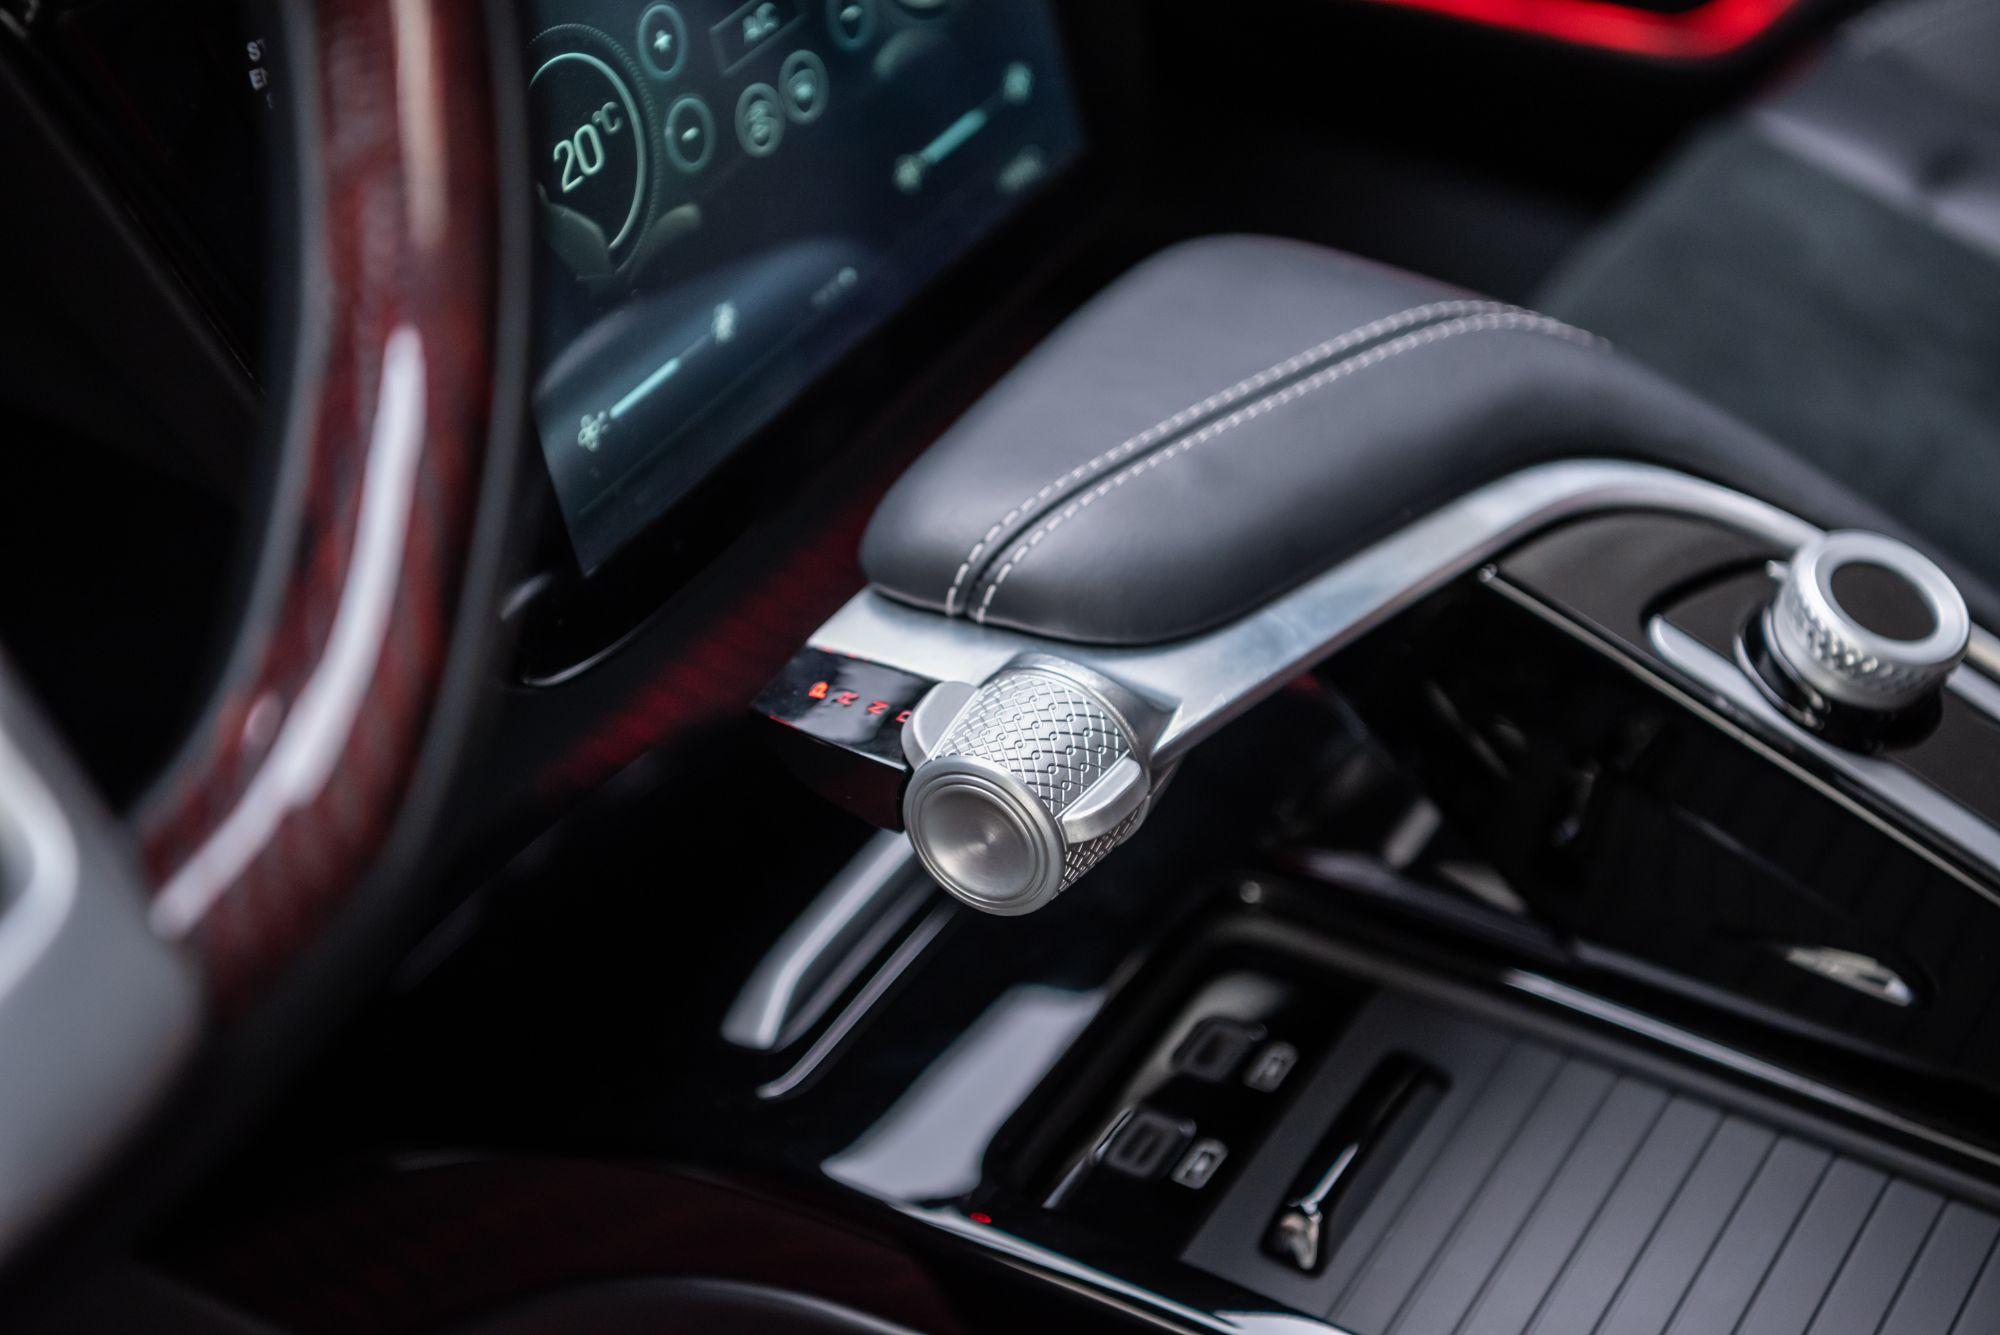 Otomobil 0 -100km/saat hızlanmasını 200 beygir güç sunan motor seçeneğinde 7,6 saniyede, 400 beygir güç sunan motor seçeneğinde ise sadece 4,8 saniyede tamamlayarak rakipsiz ivmelenme performansını etkileyici bir sessizlik ve enerji tasarrufu eşliğinde sunacak.